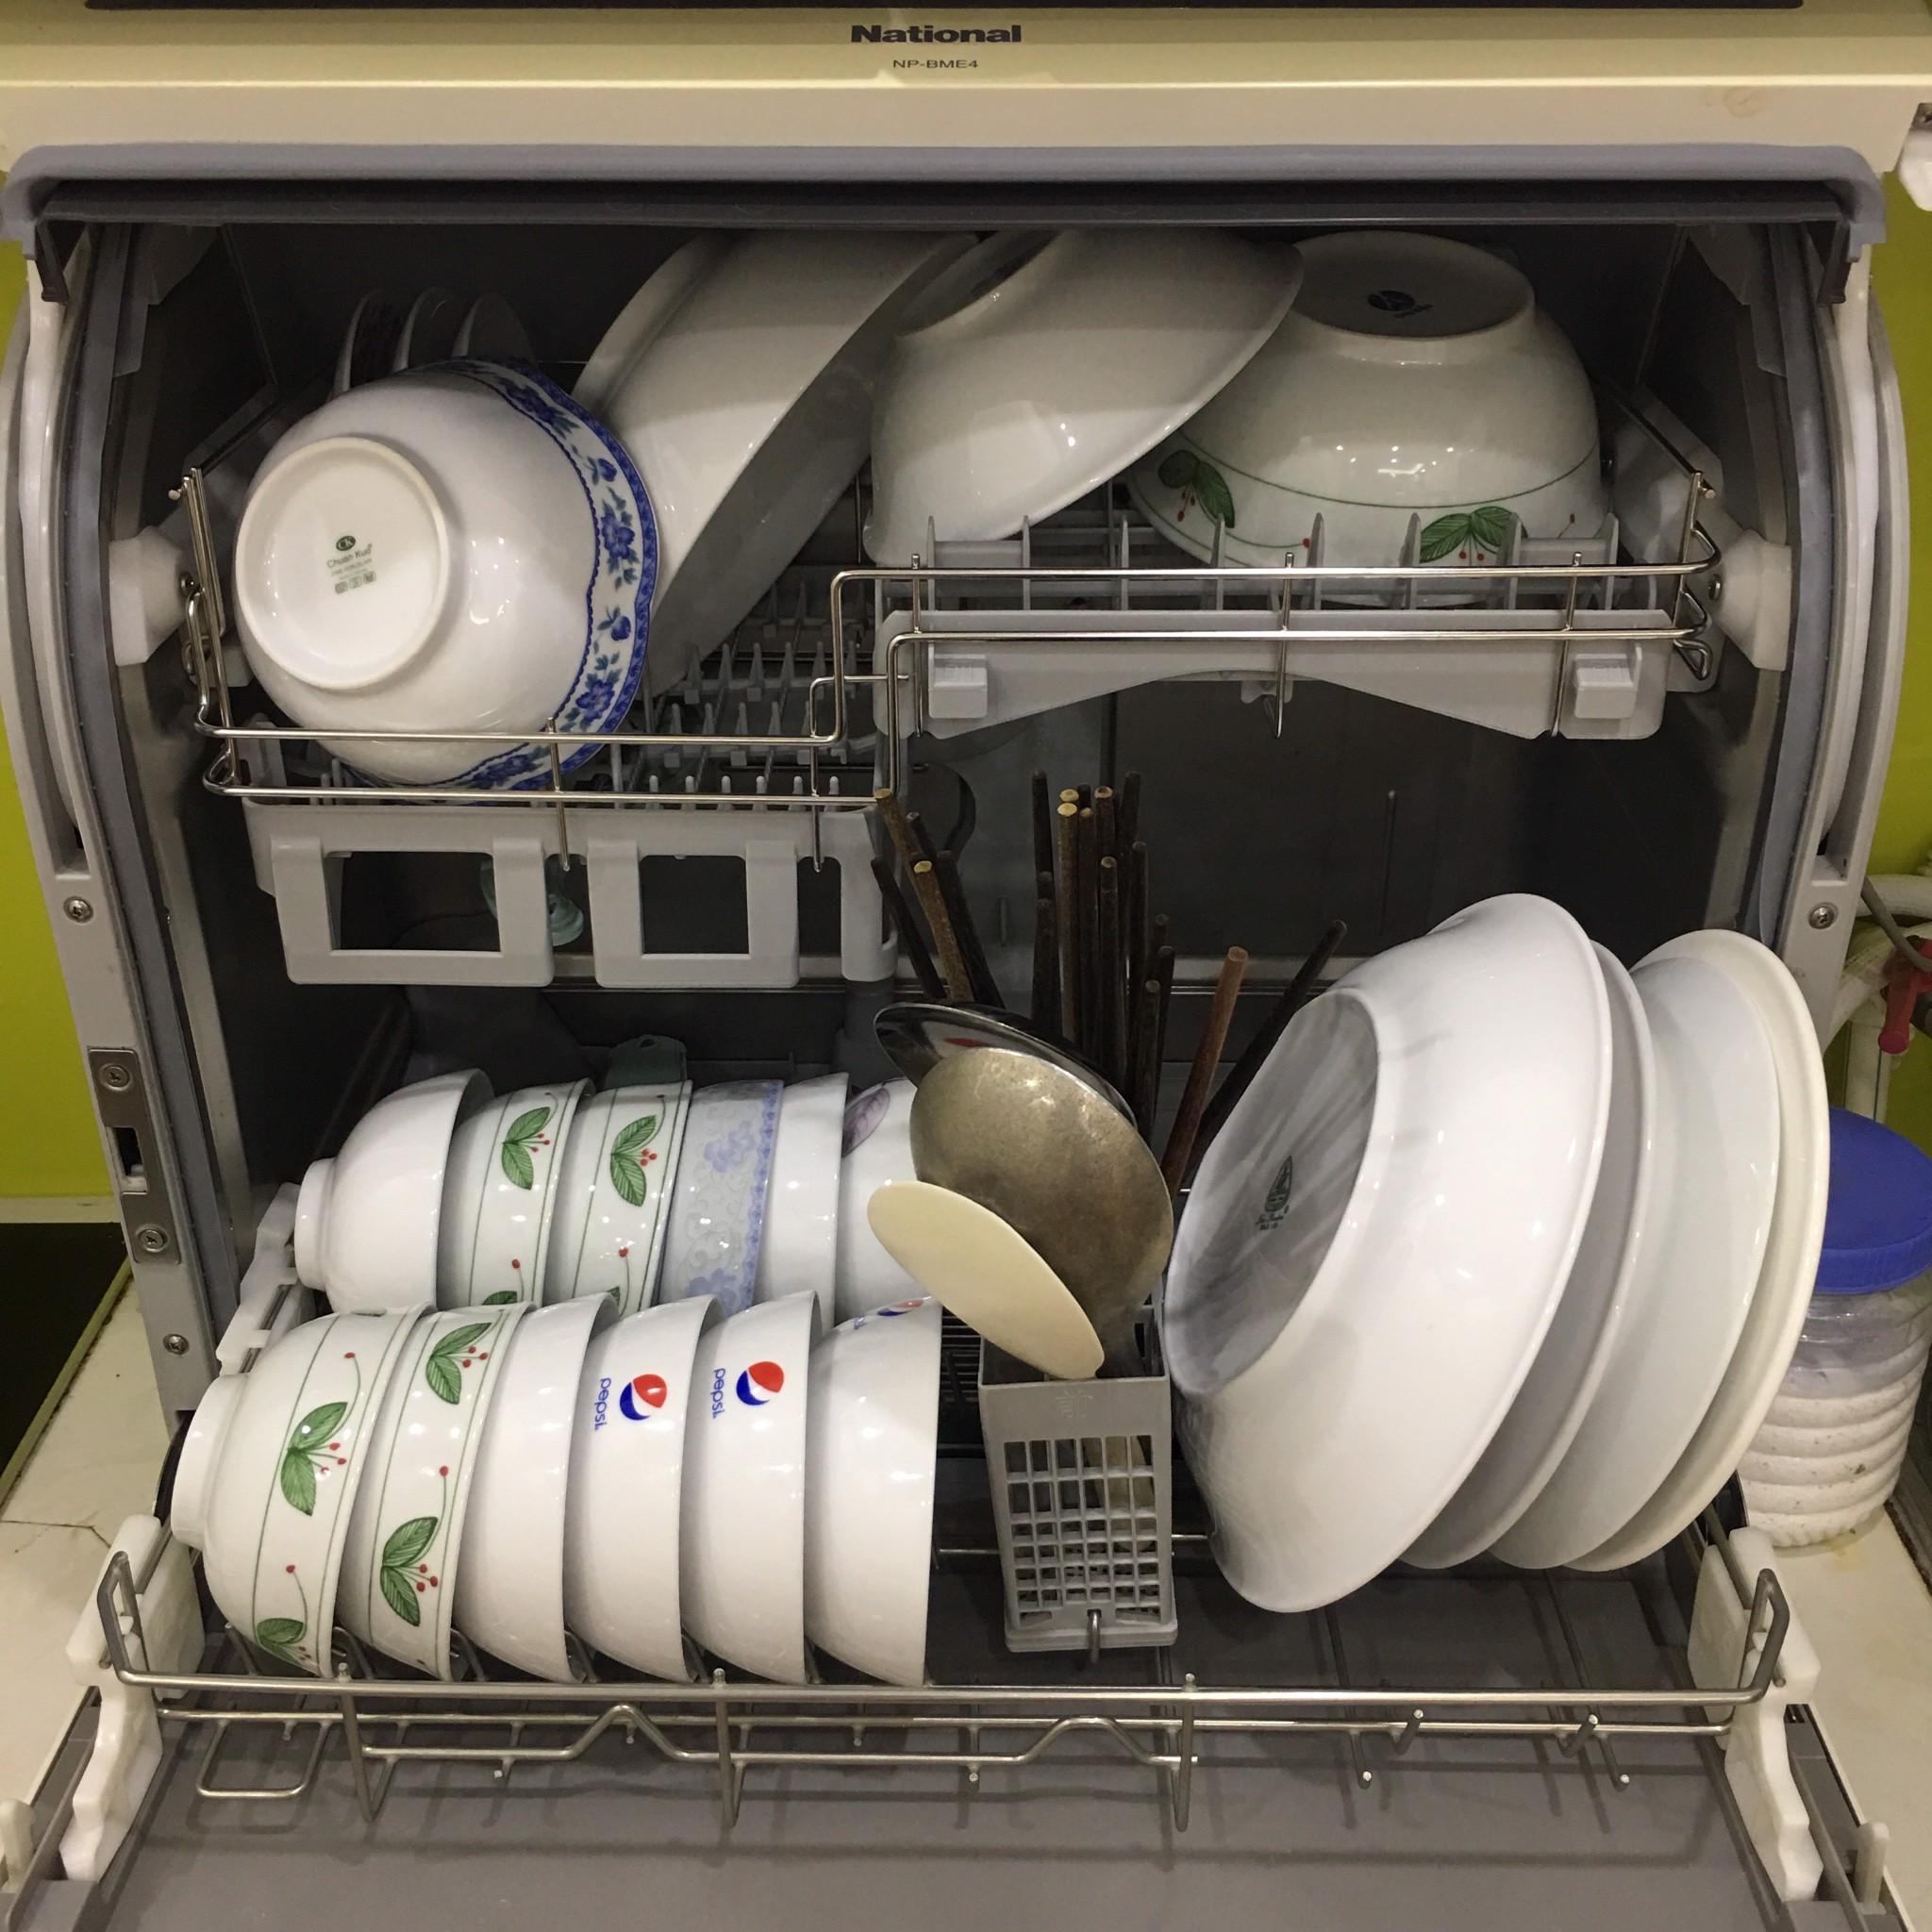 Kinh nghiệm mua máy rửa bát nhật bãi